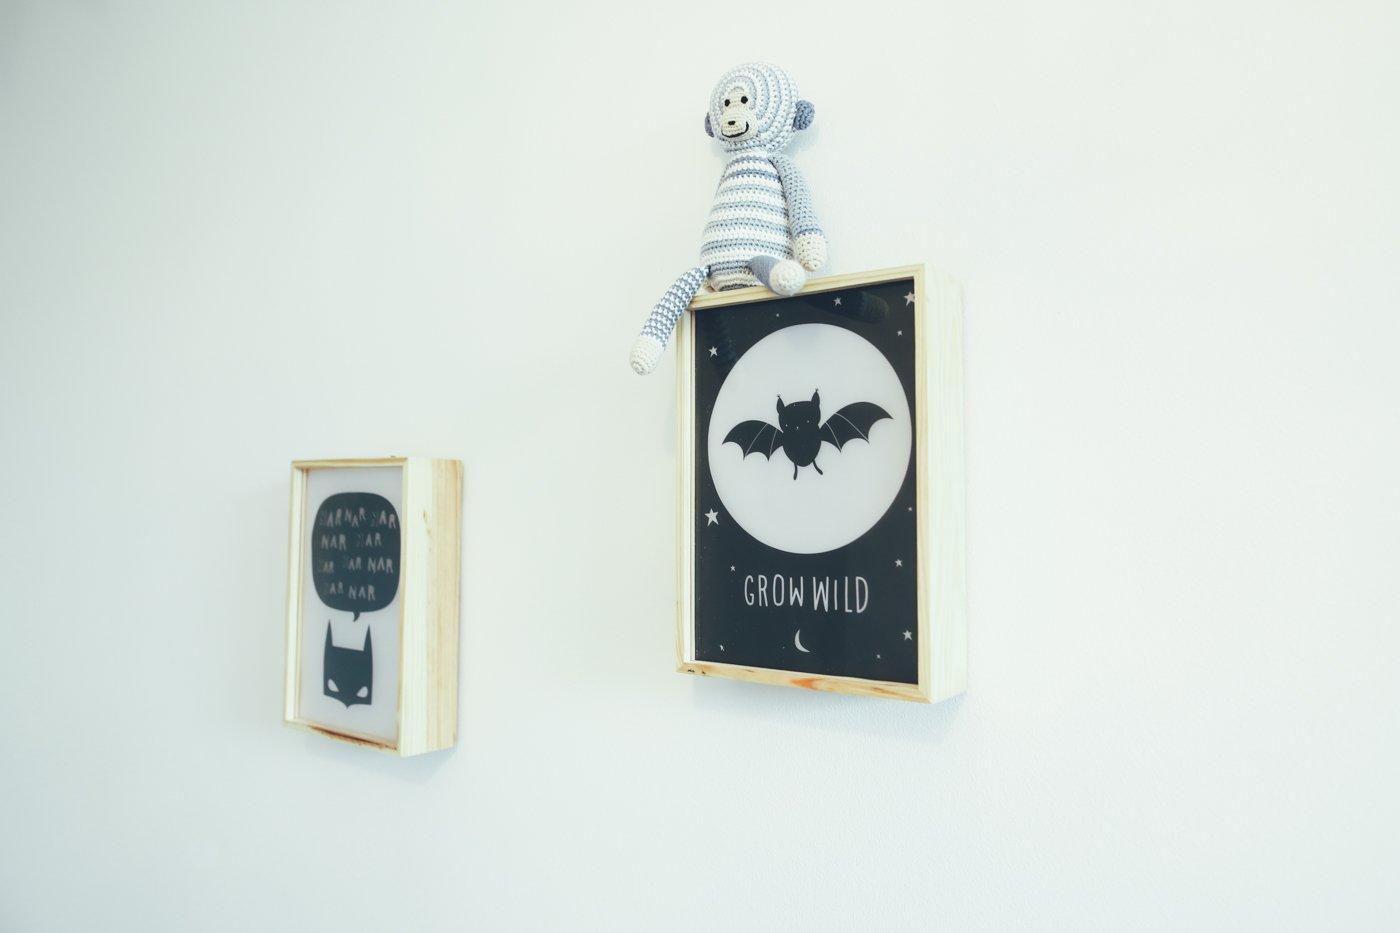 nageln und bohren am sonntag diy still und heimlich mit tesa. Black Bedroom Furniture Sets. Home Design Ideas